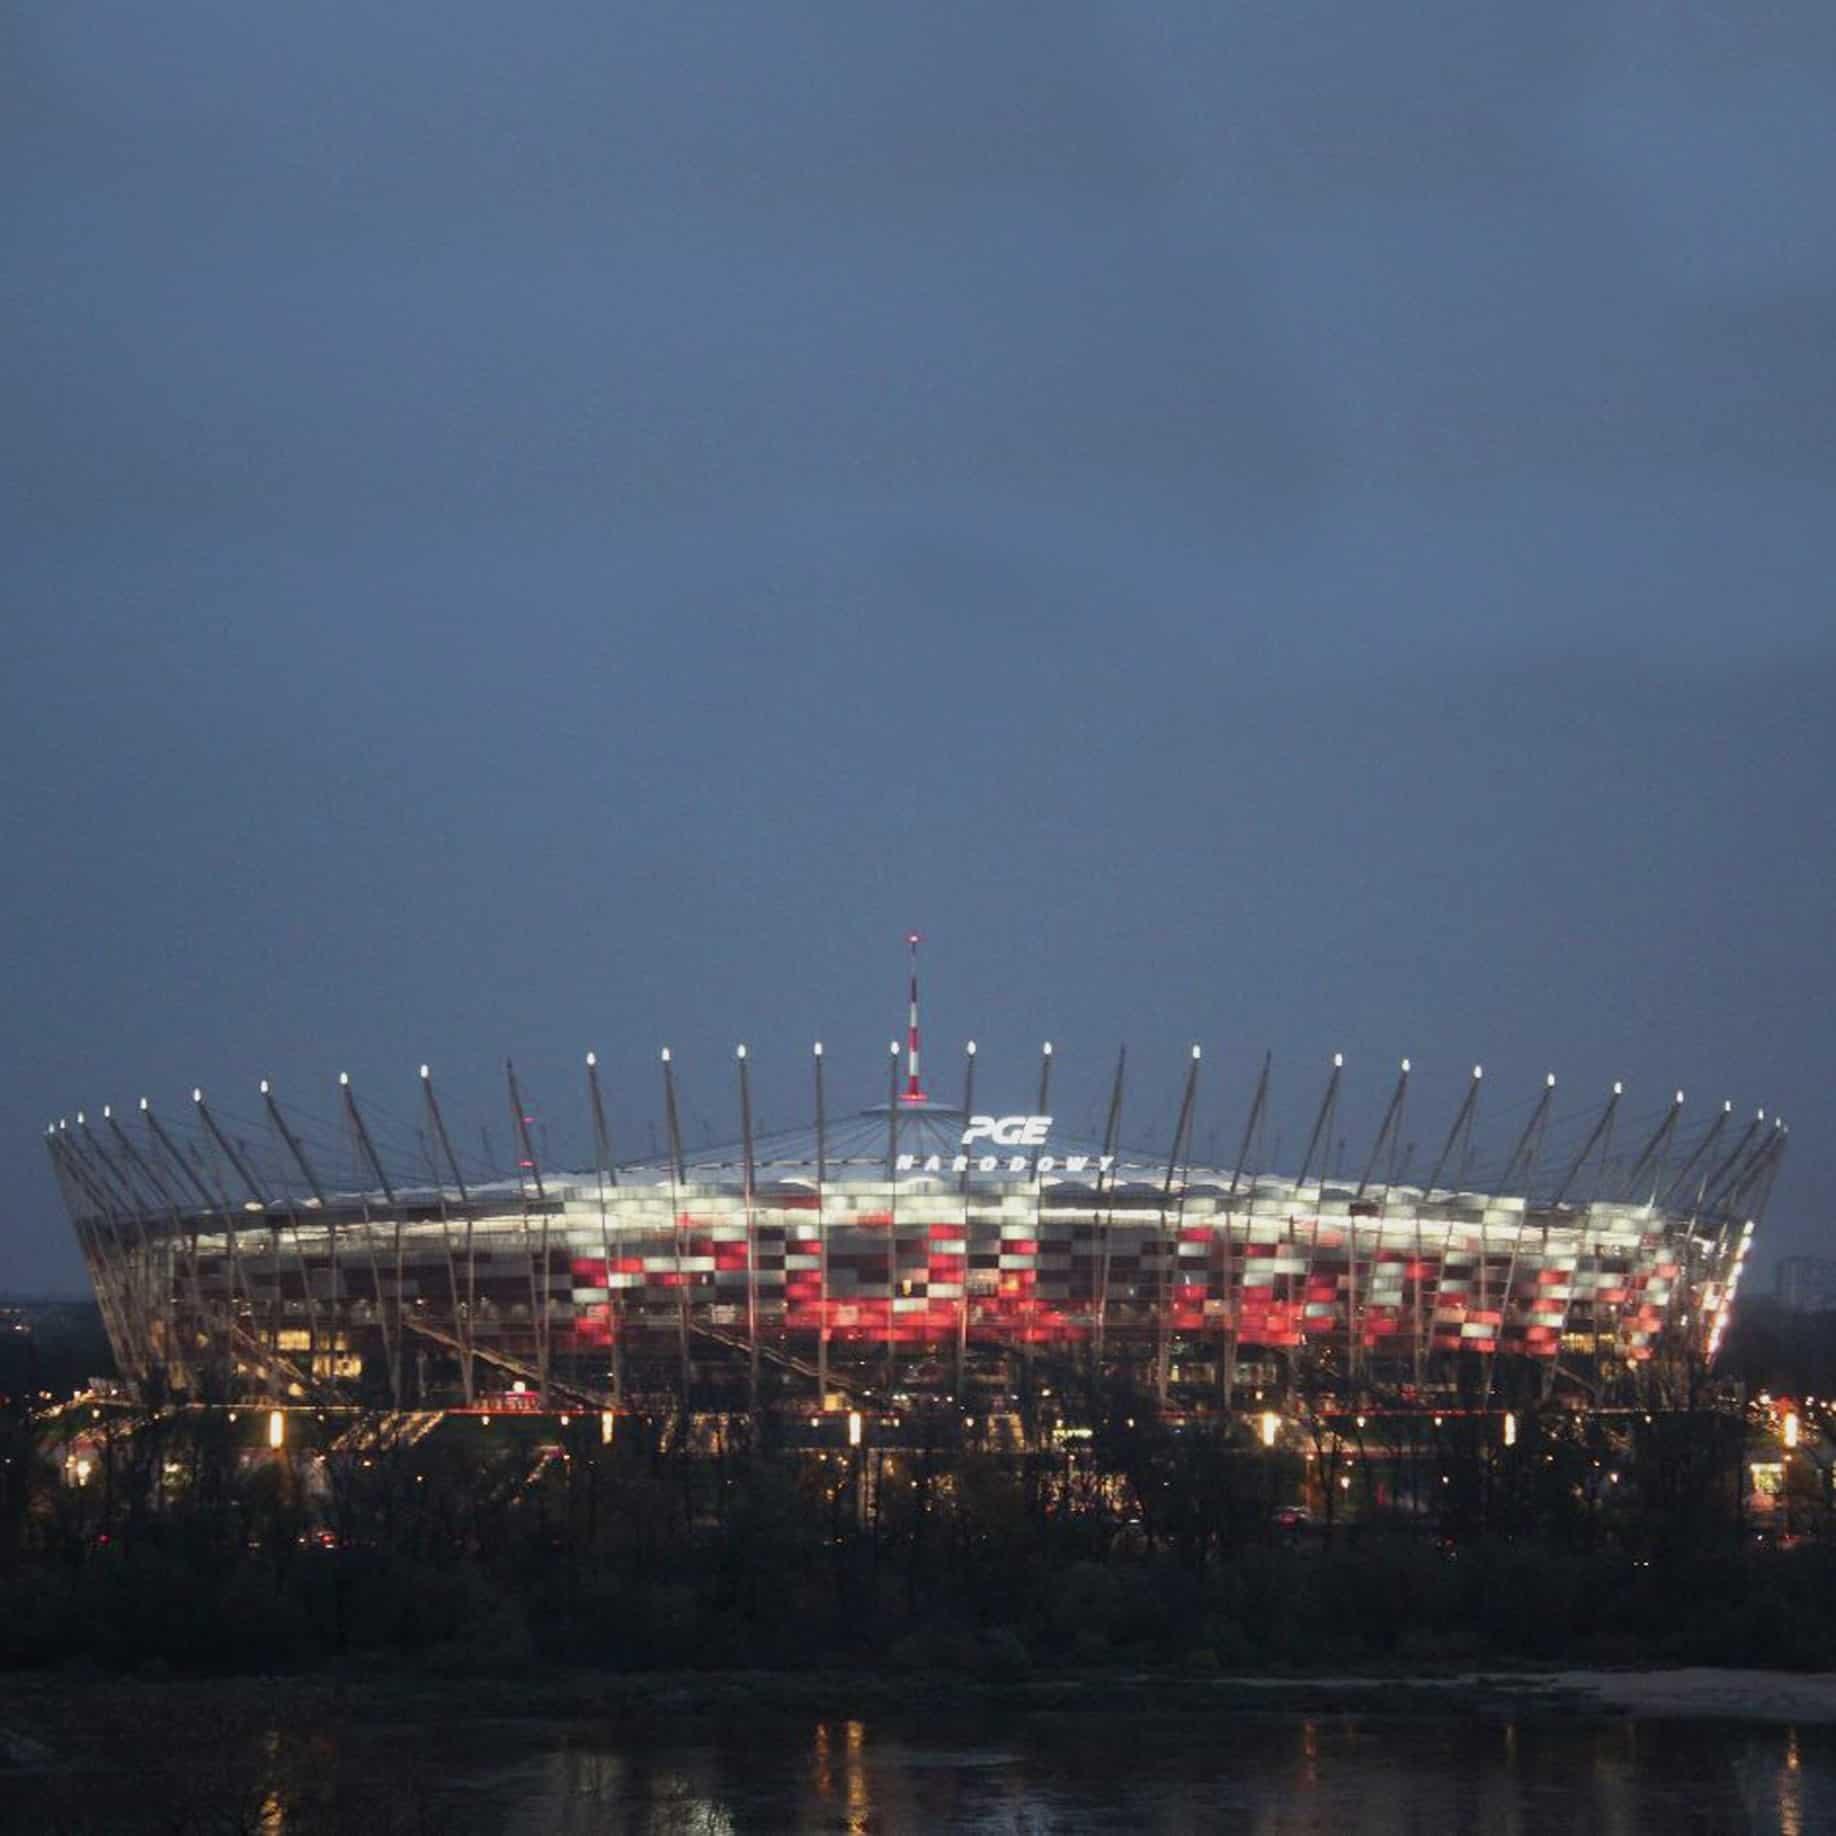 deutschland polen stadion